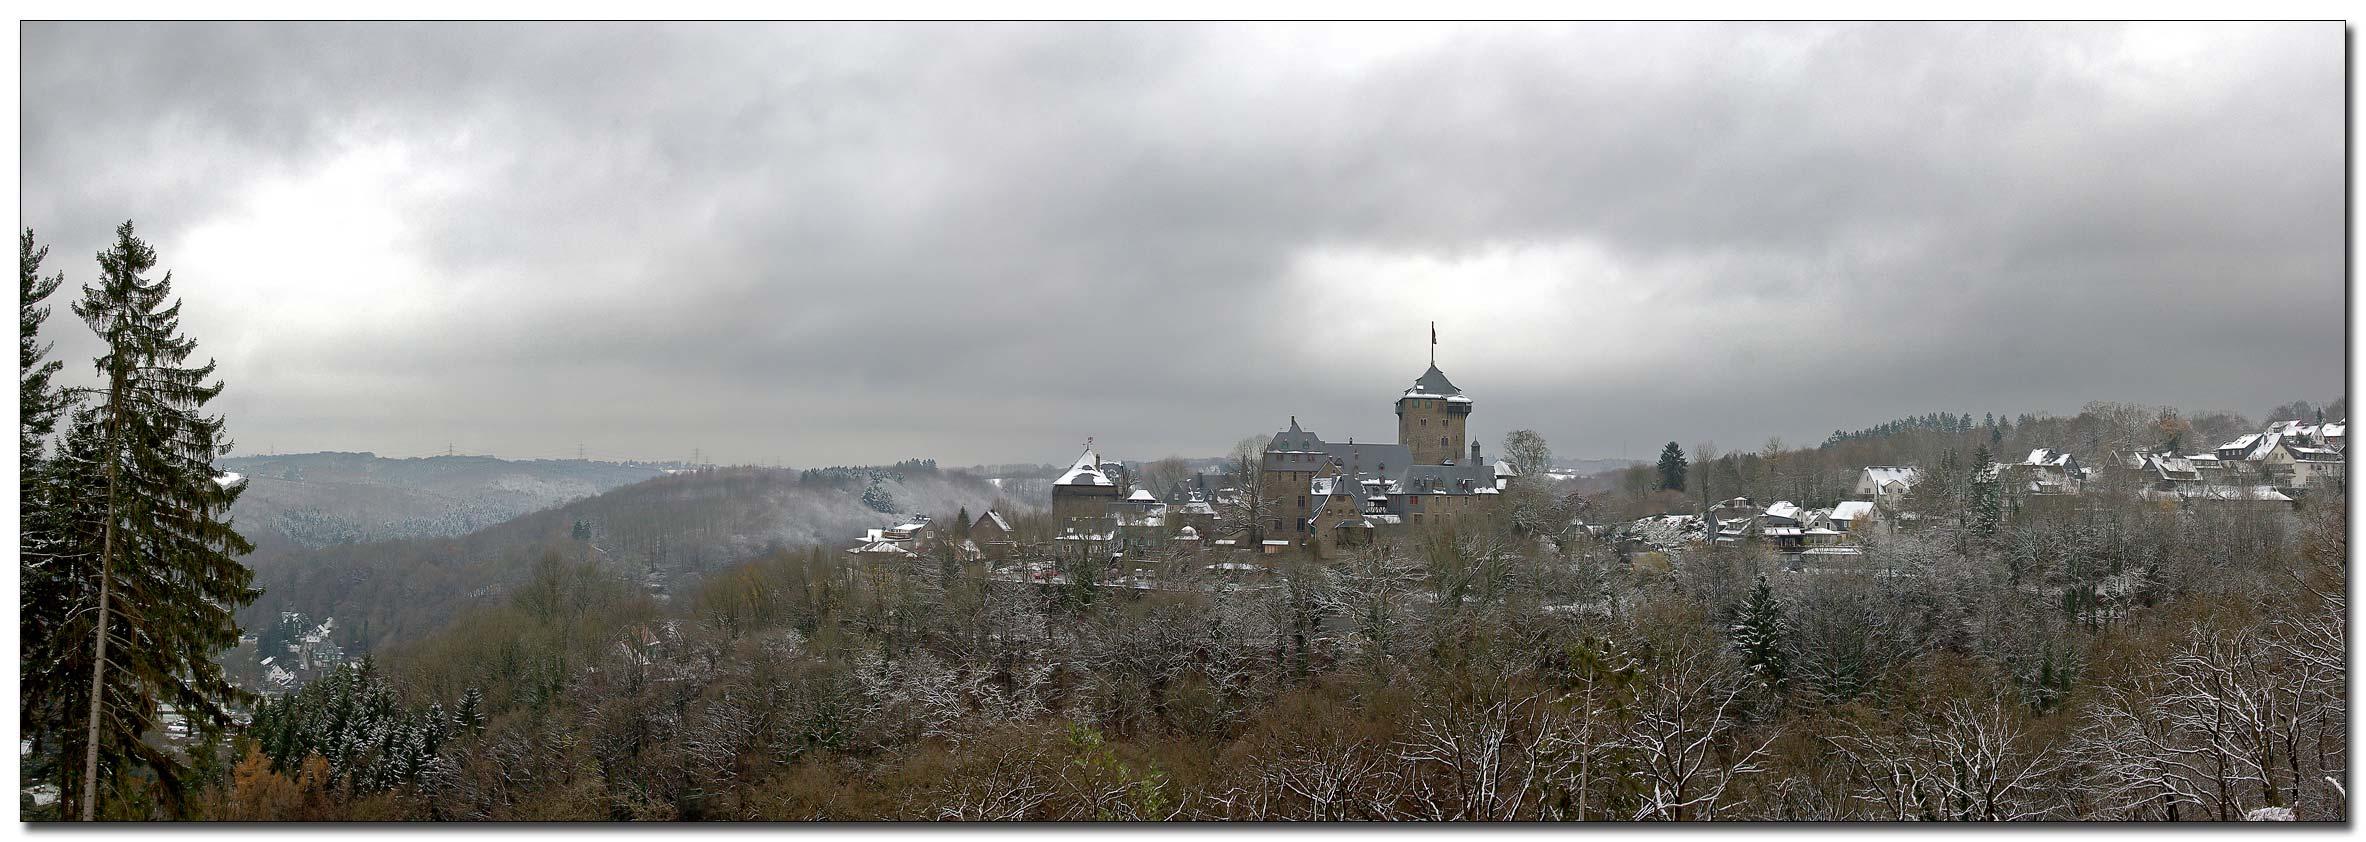 wintereinbruch1.jpg